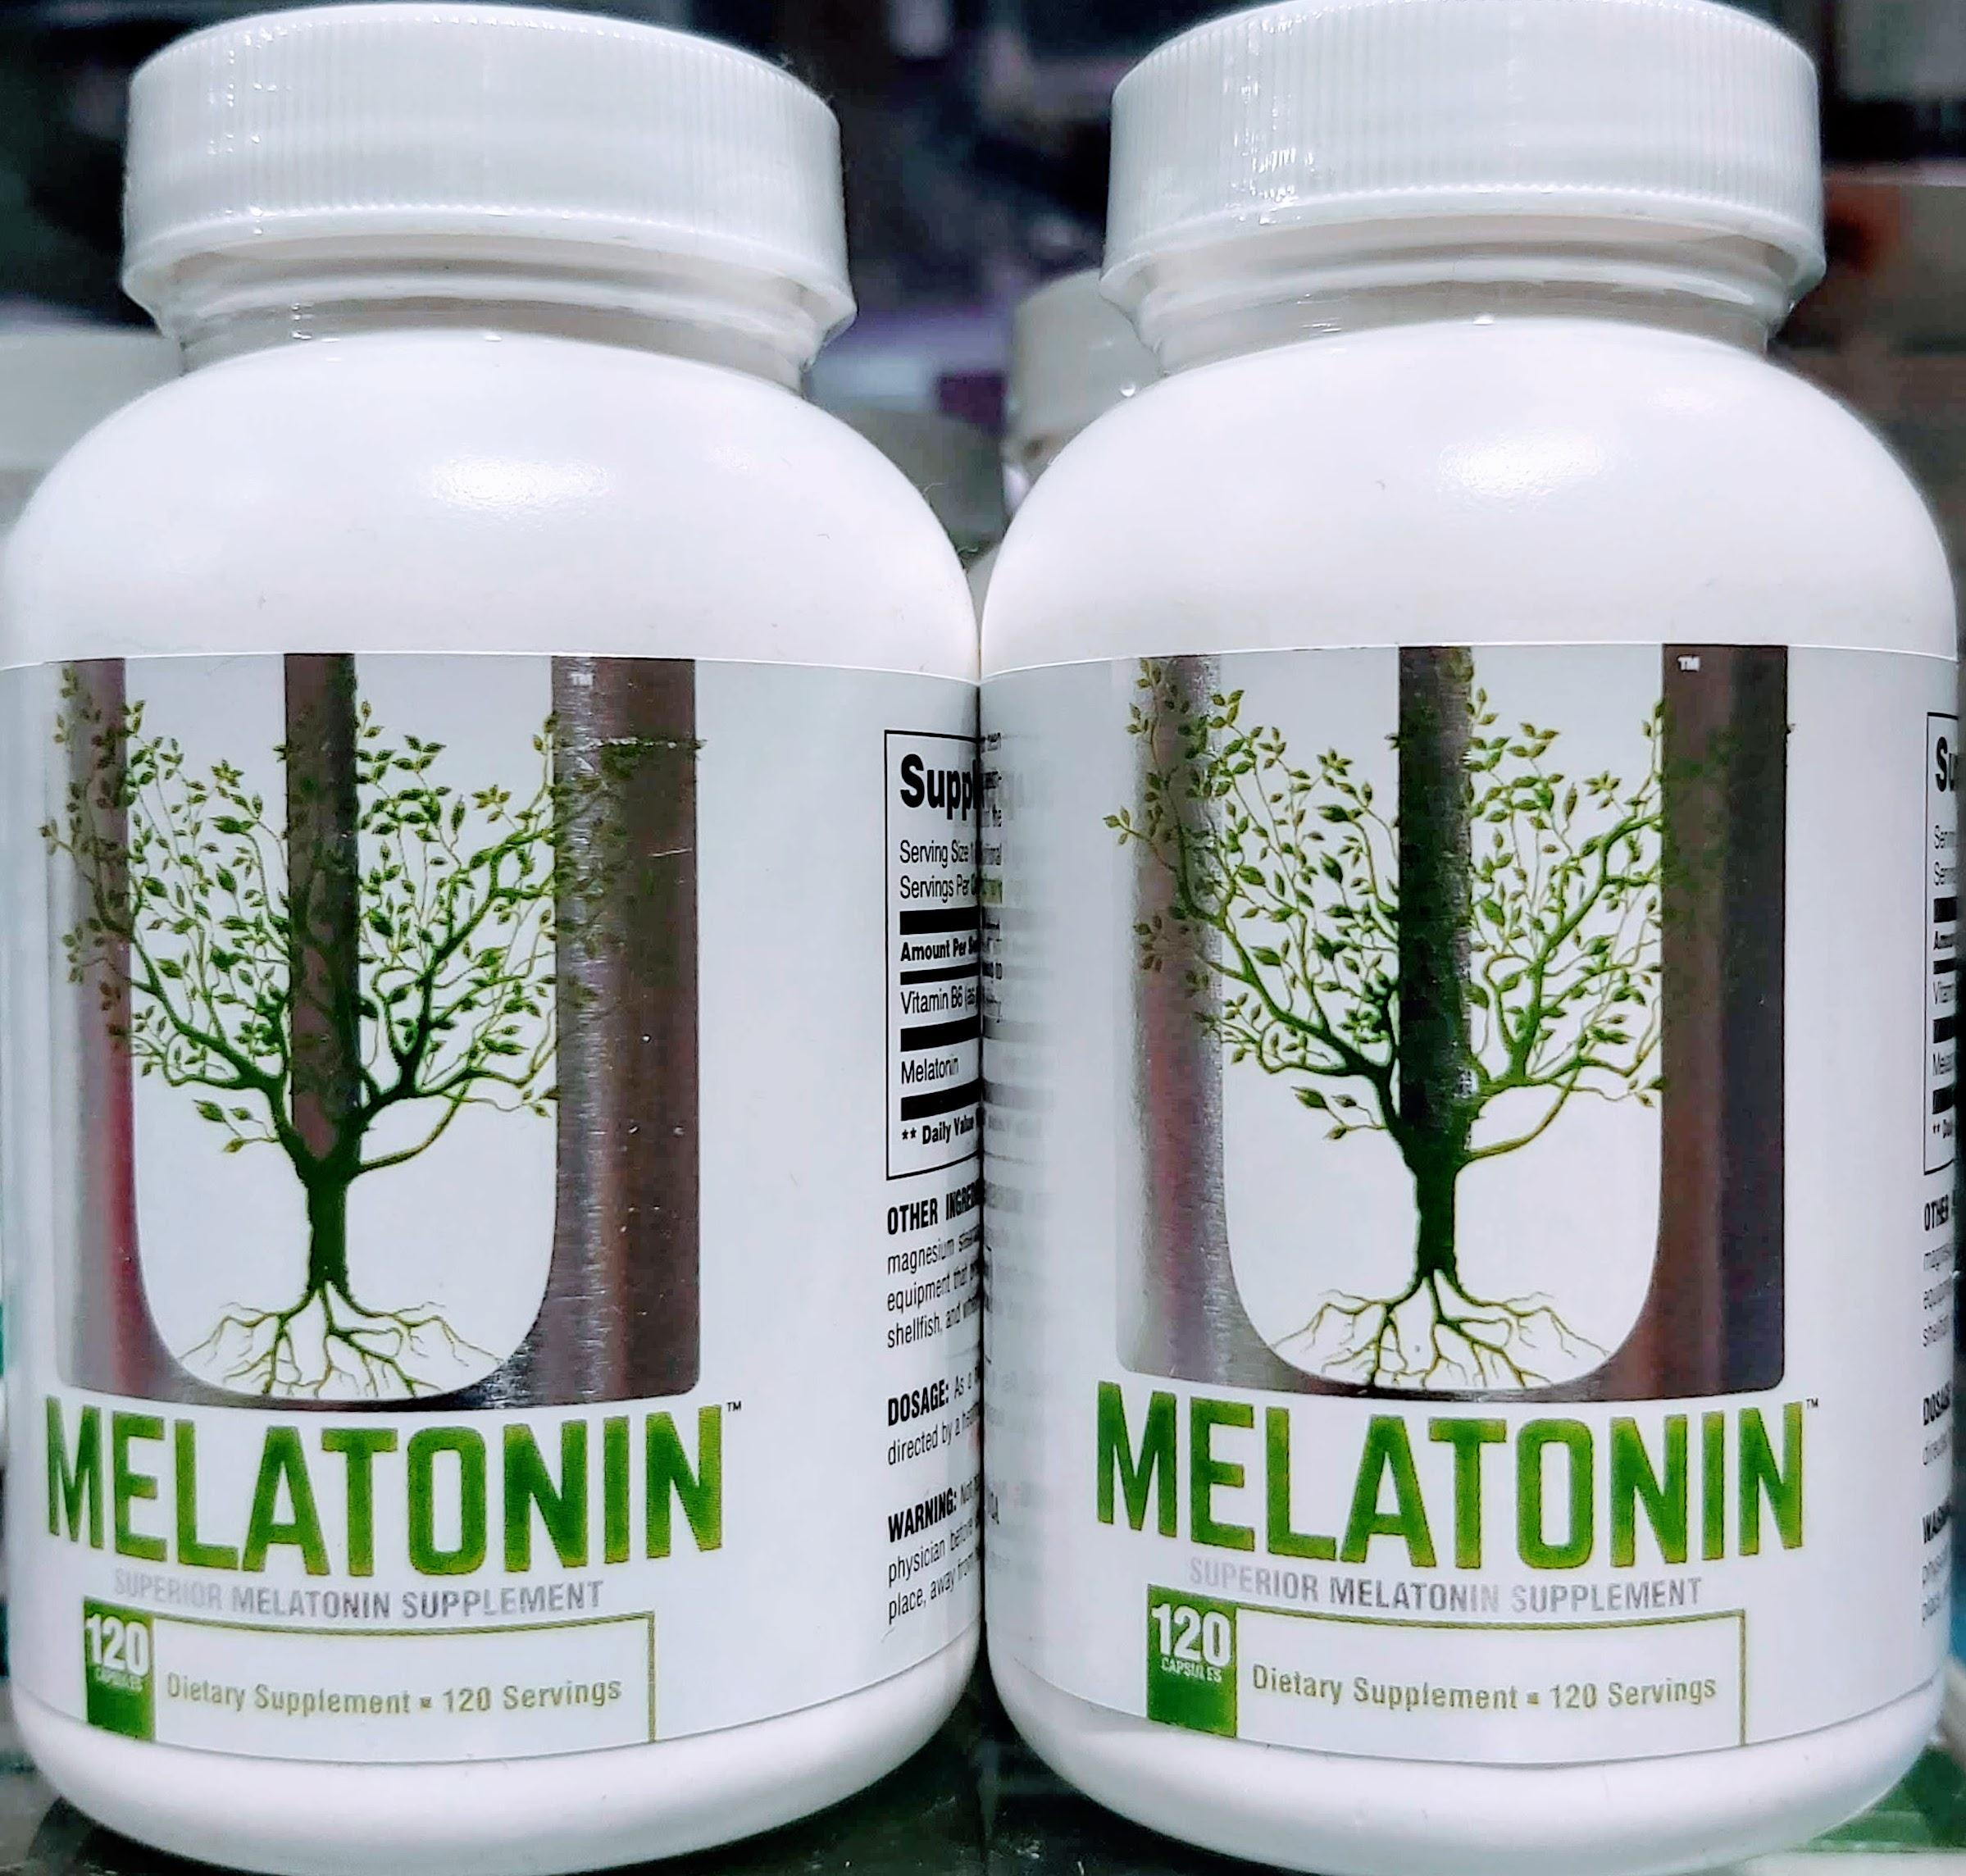 Comprar Melatonina Andorra en Gran Farmacia Andorra la melatonina ayuda a reducir el tiempo para conciliar el sueño favoreciendo el descanso